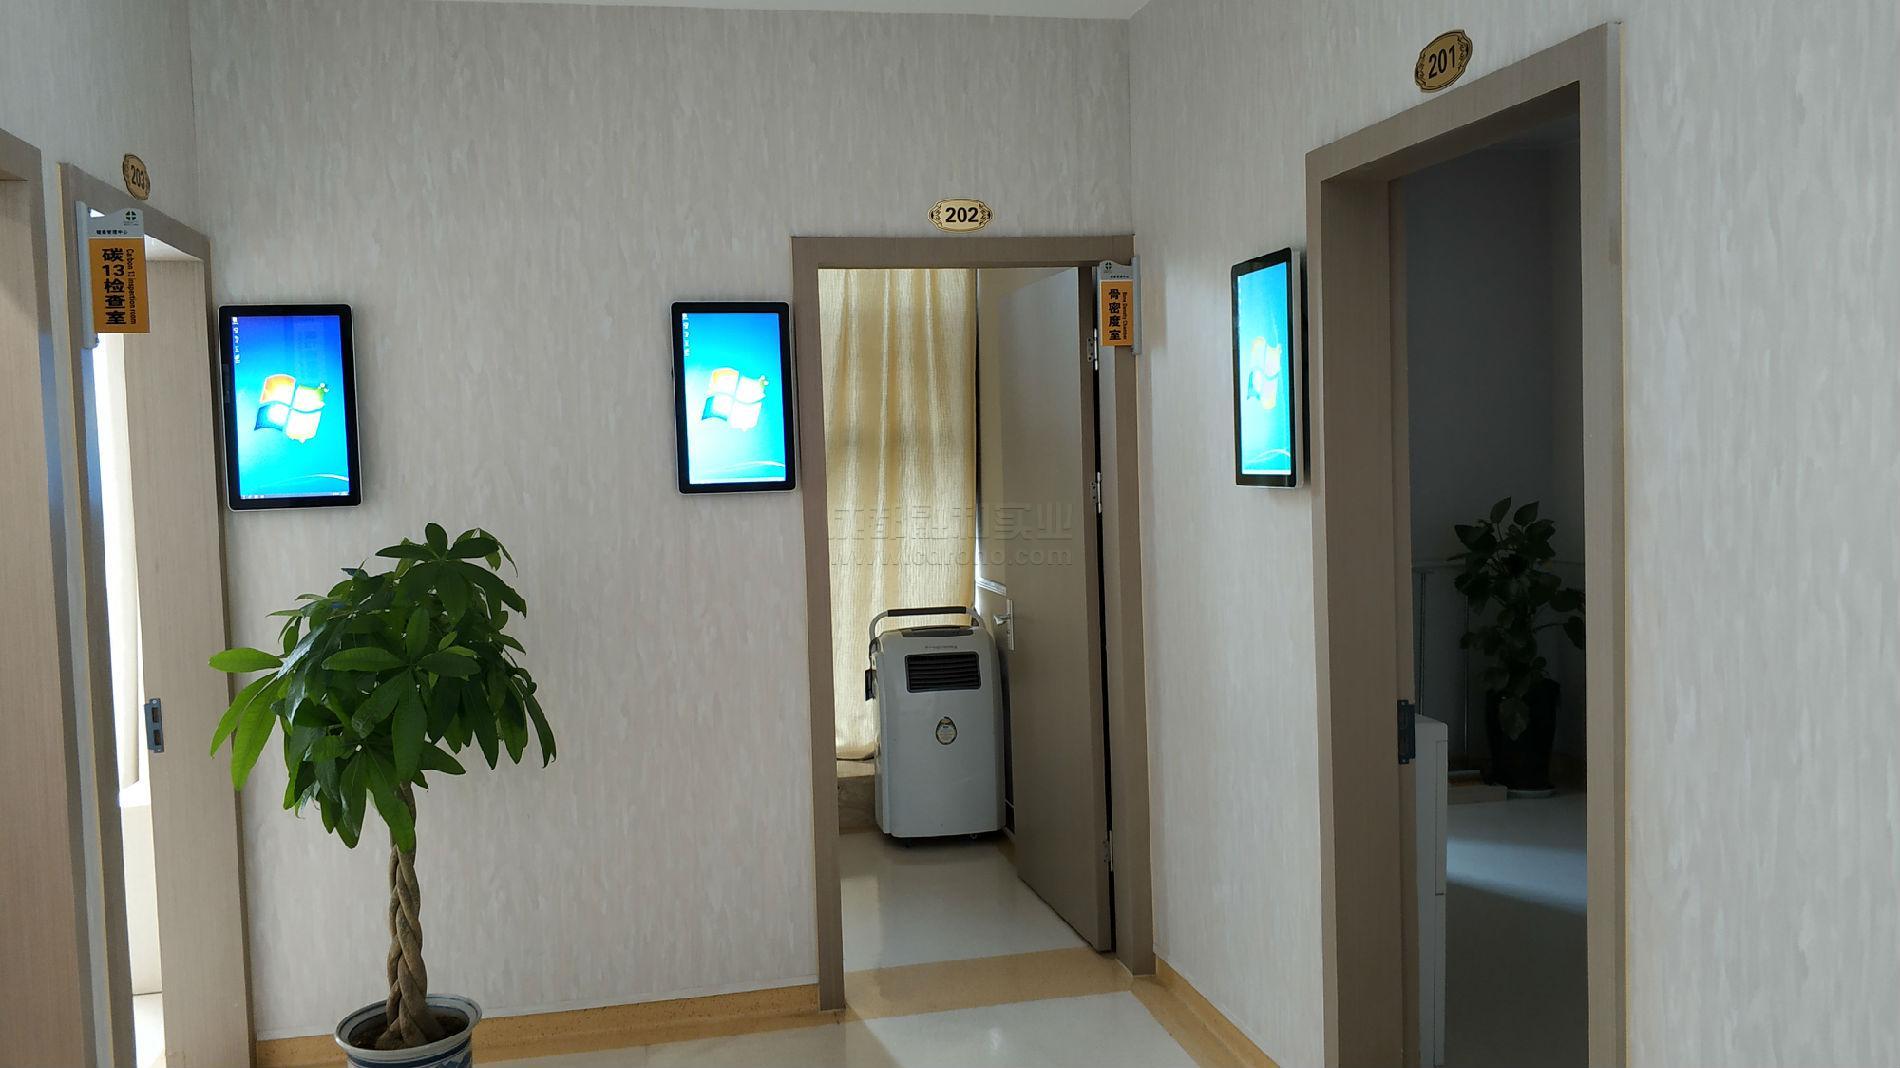 绵阳市第三人民医院排队系统